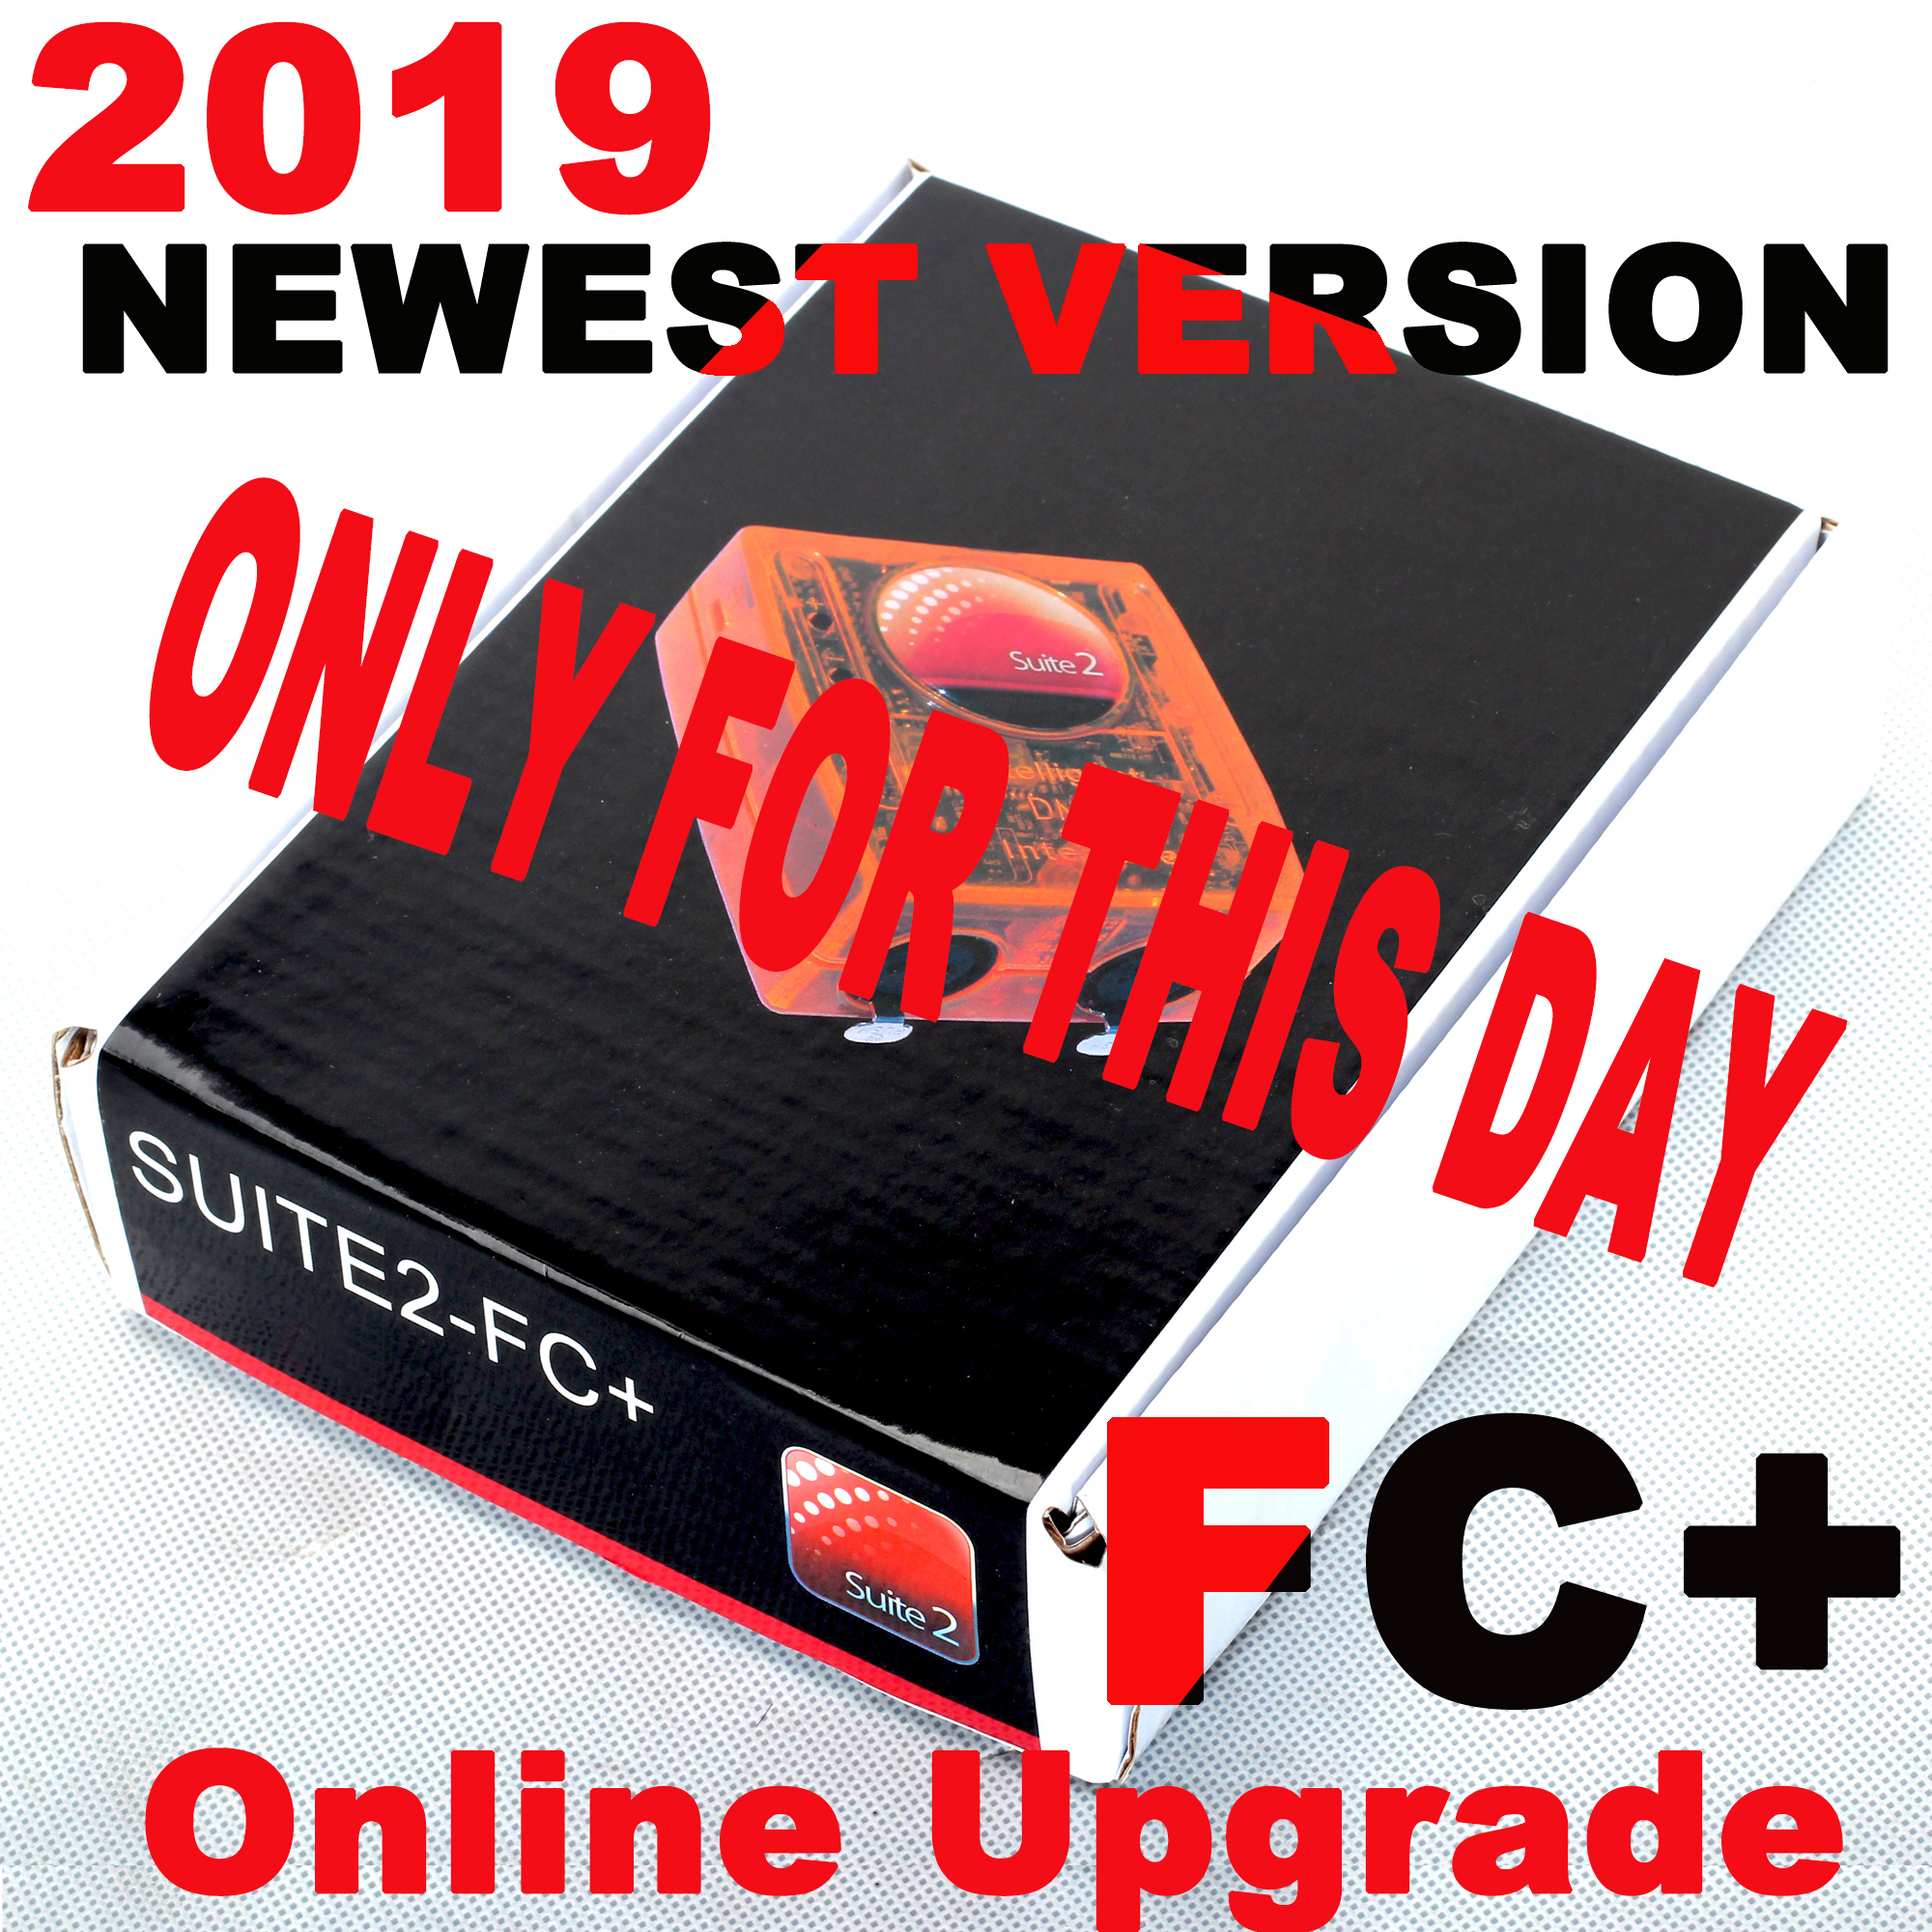 Sunlite suite 2 FC + logiciel de contrôle de scène interface DMX intelligente sunlite DMX USB 512 contrôleur de scène sunlite